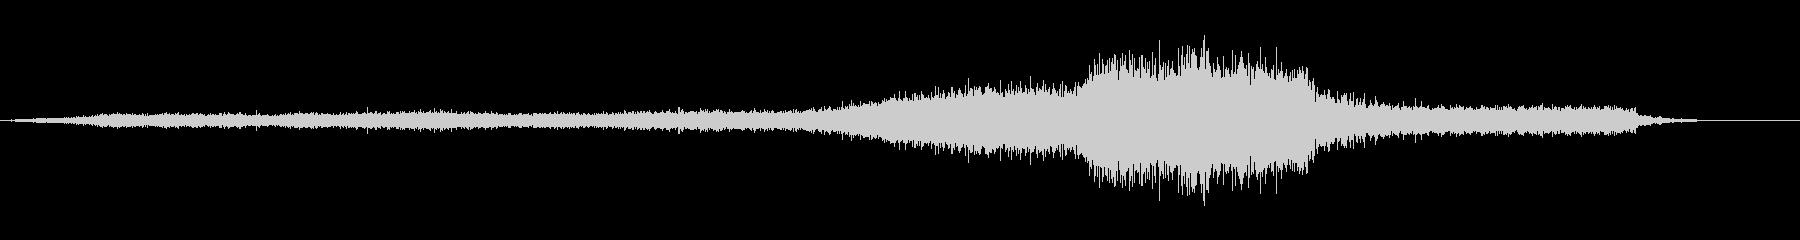 フォルクスワーゲン、ローリー、SM...の未再生の波形